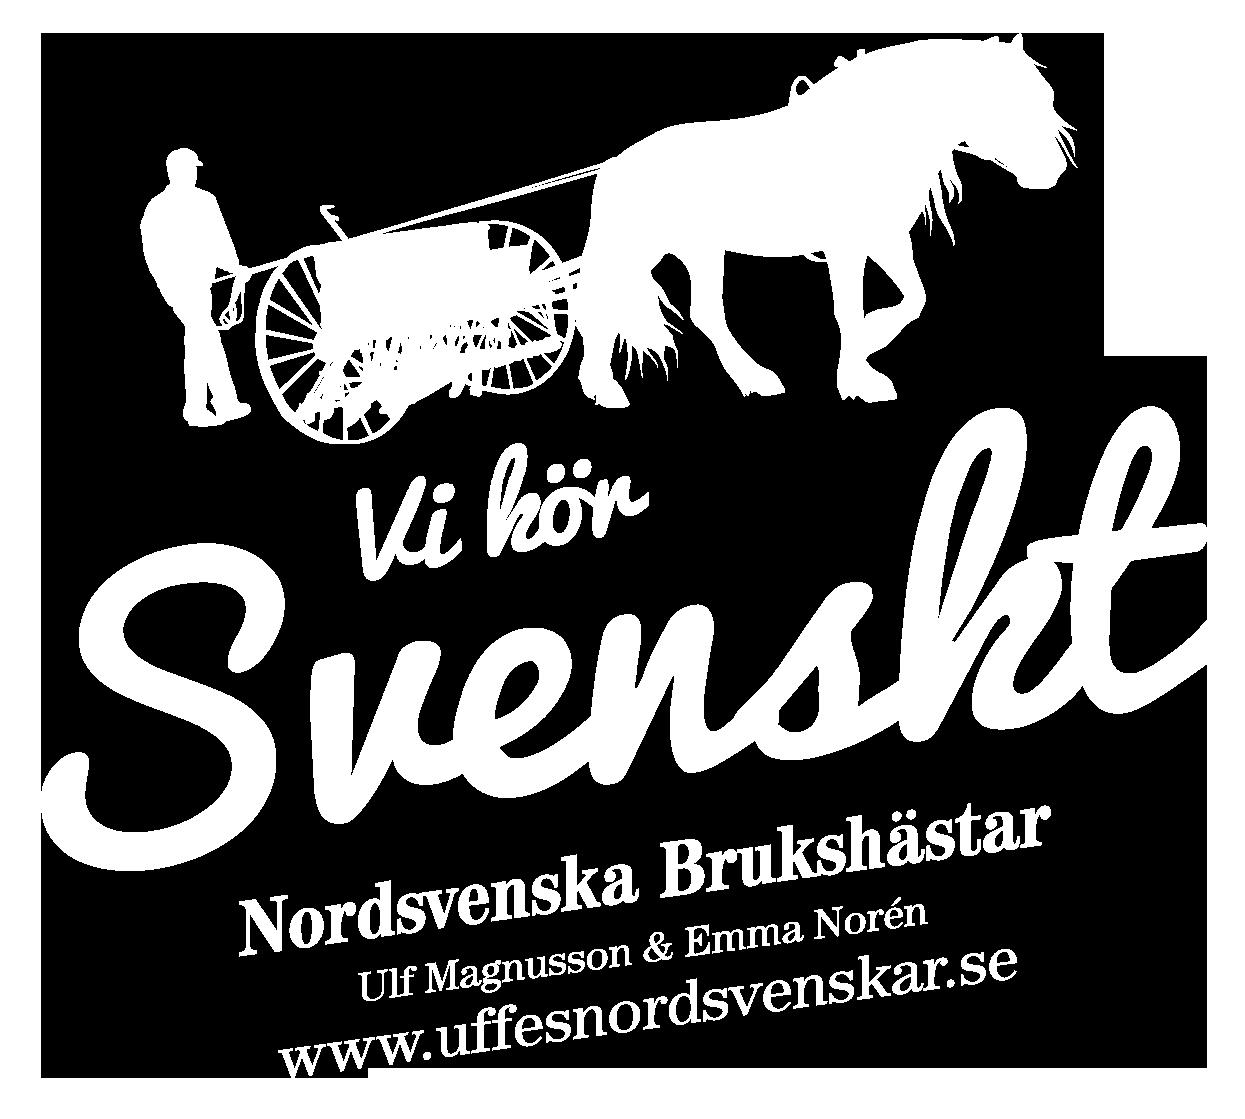 Uffe & Emmas Nordsvenskar